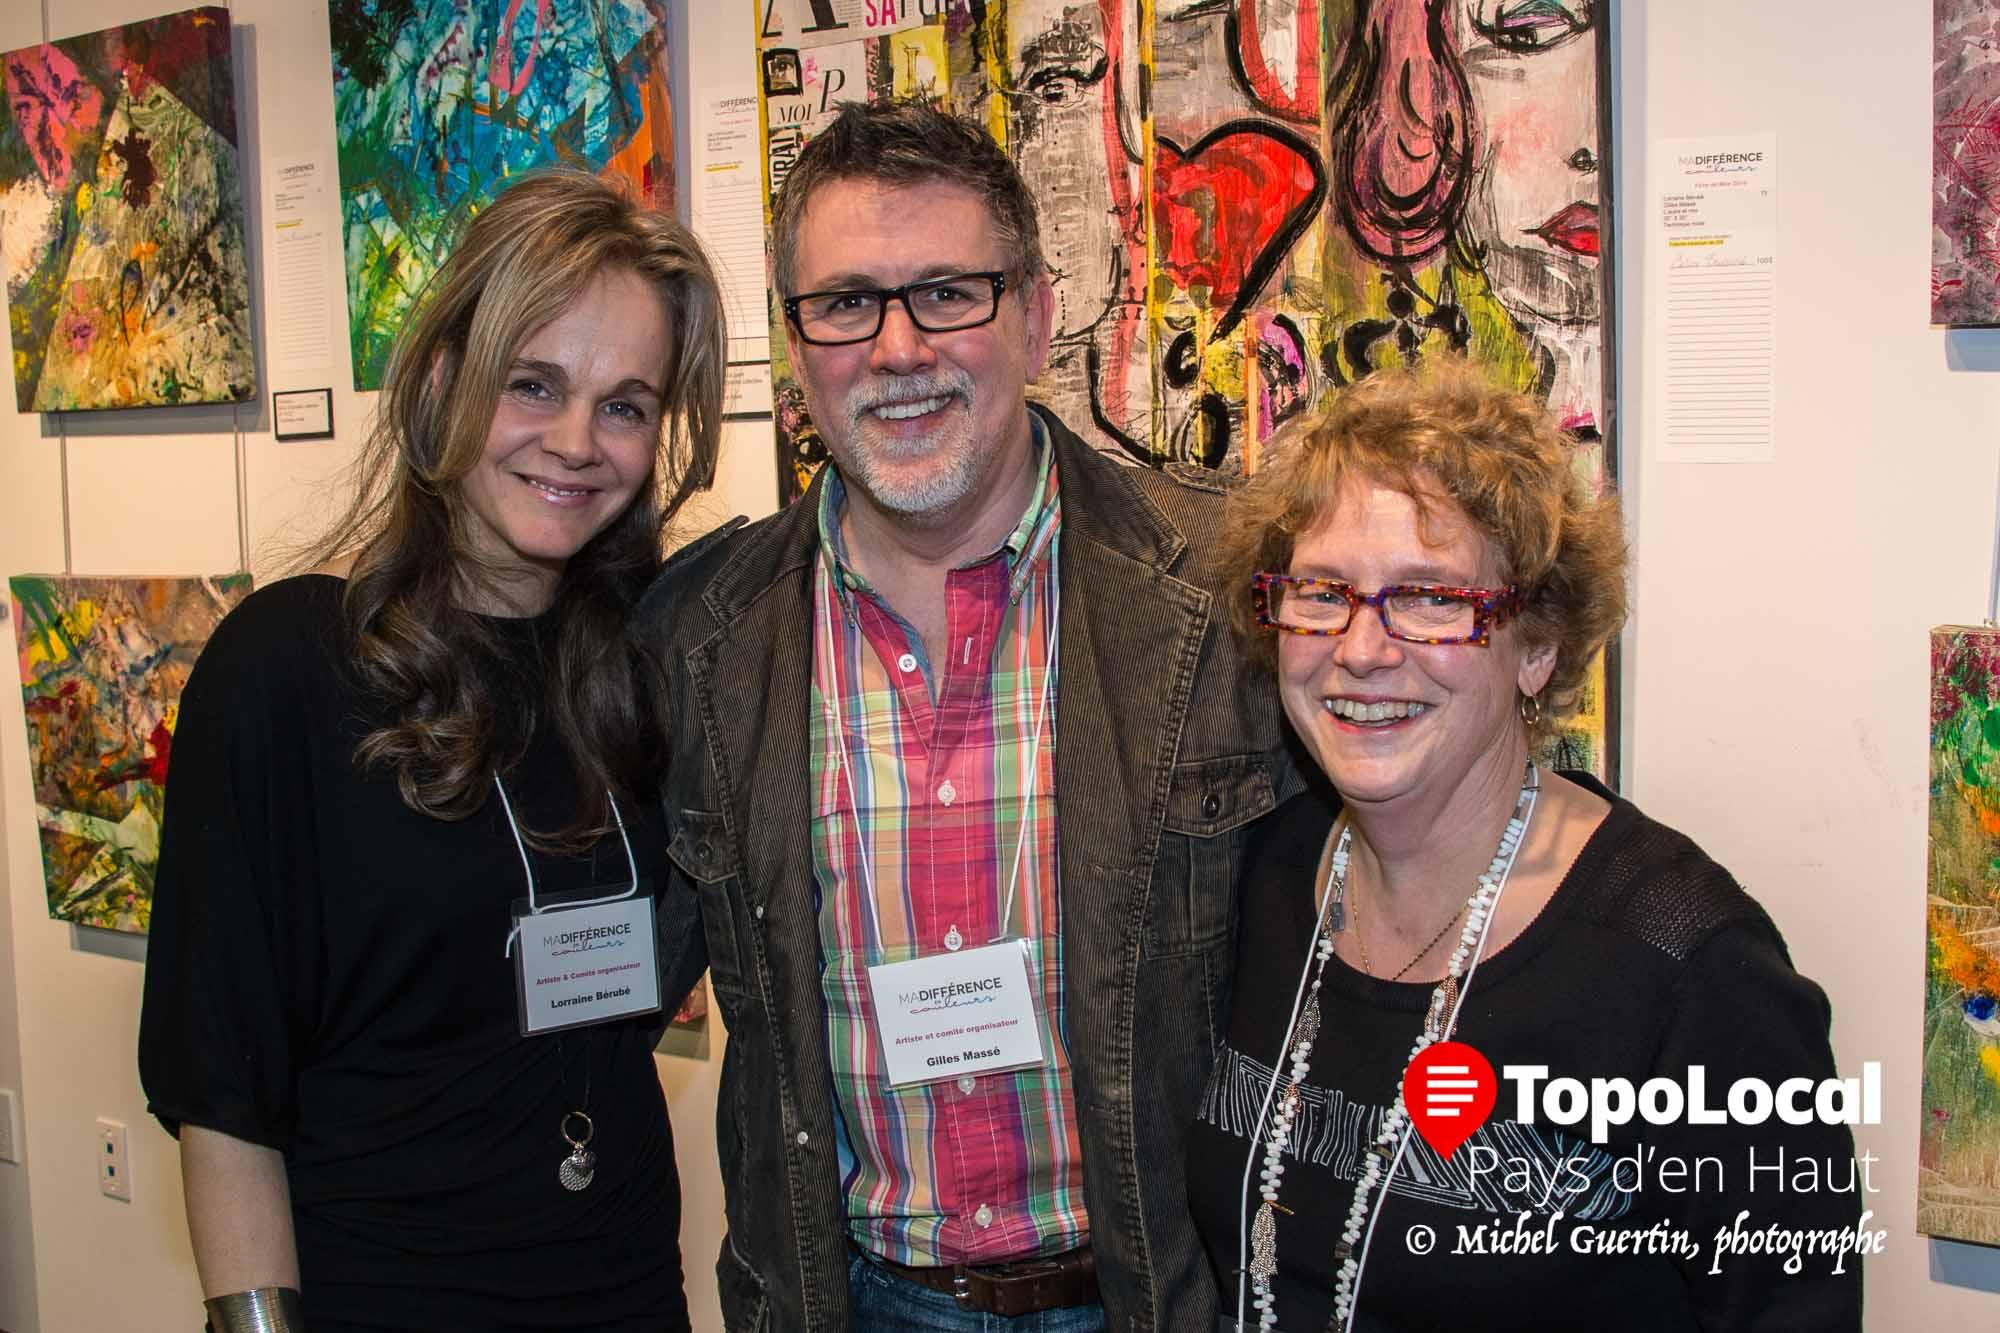 Lorraine Bérubé, Gilles Massé et Nicole Lebrun se sont occupé des ateliers d'art collectif, ce qui a donné un superbe résultat.